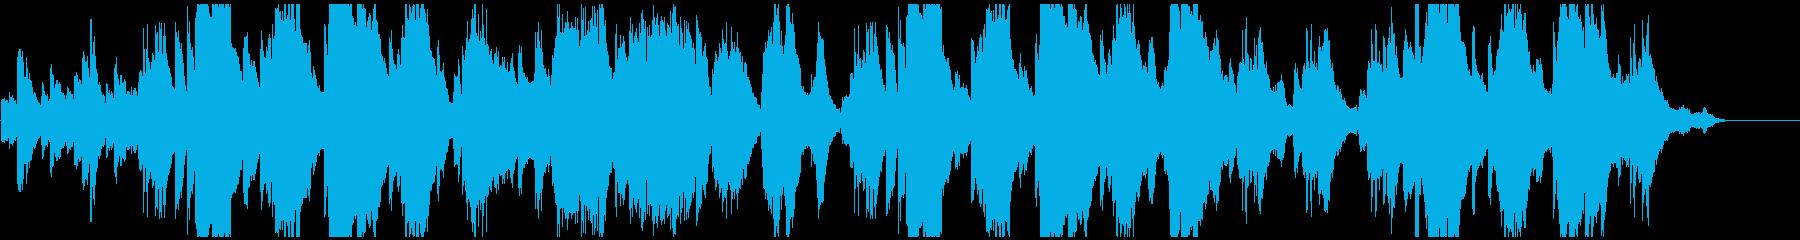 ハープを使った優しい癒しの音楽です♪の再生済みの波形